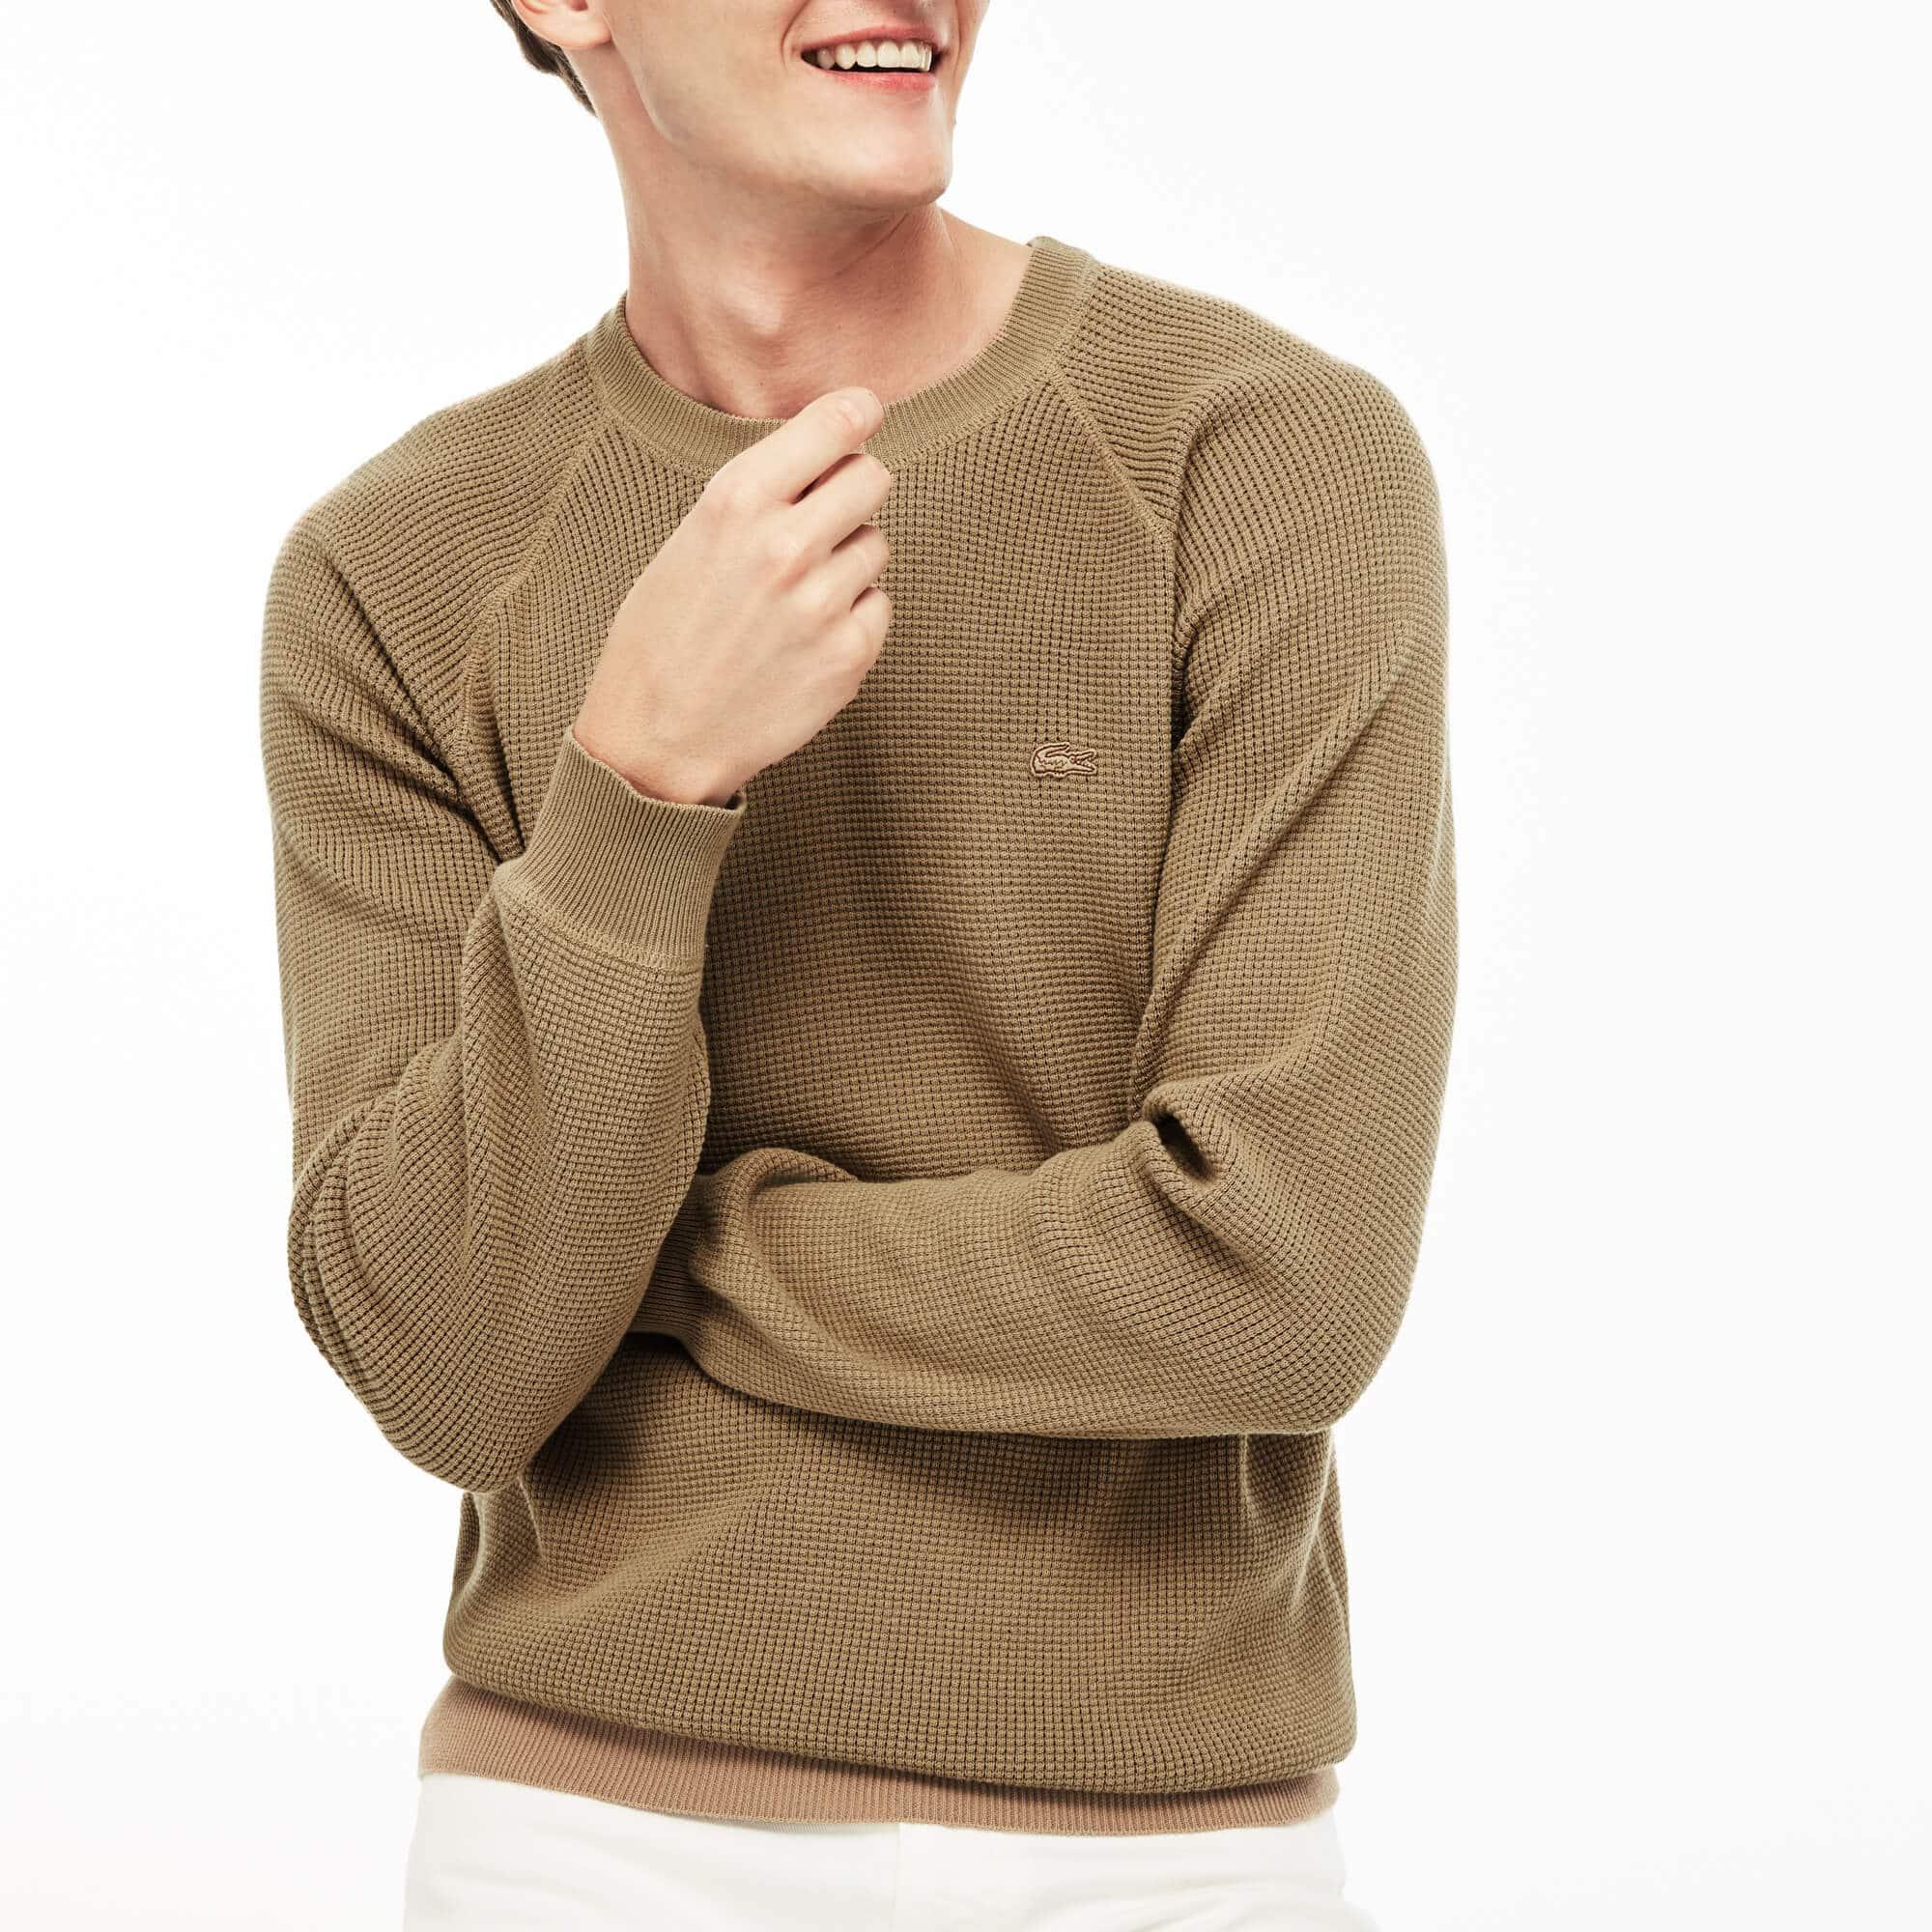 Jersey de cuello redondo de crepé de algodón gofrado